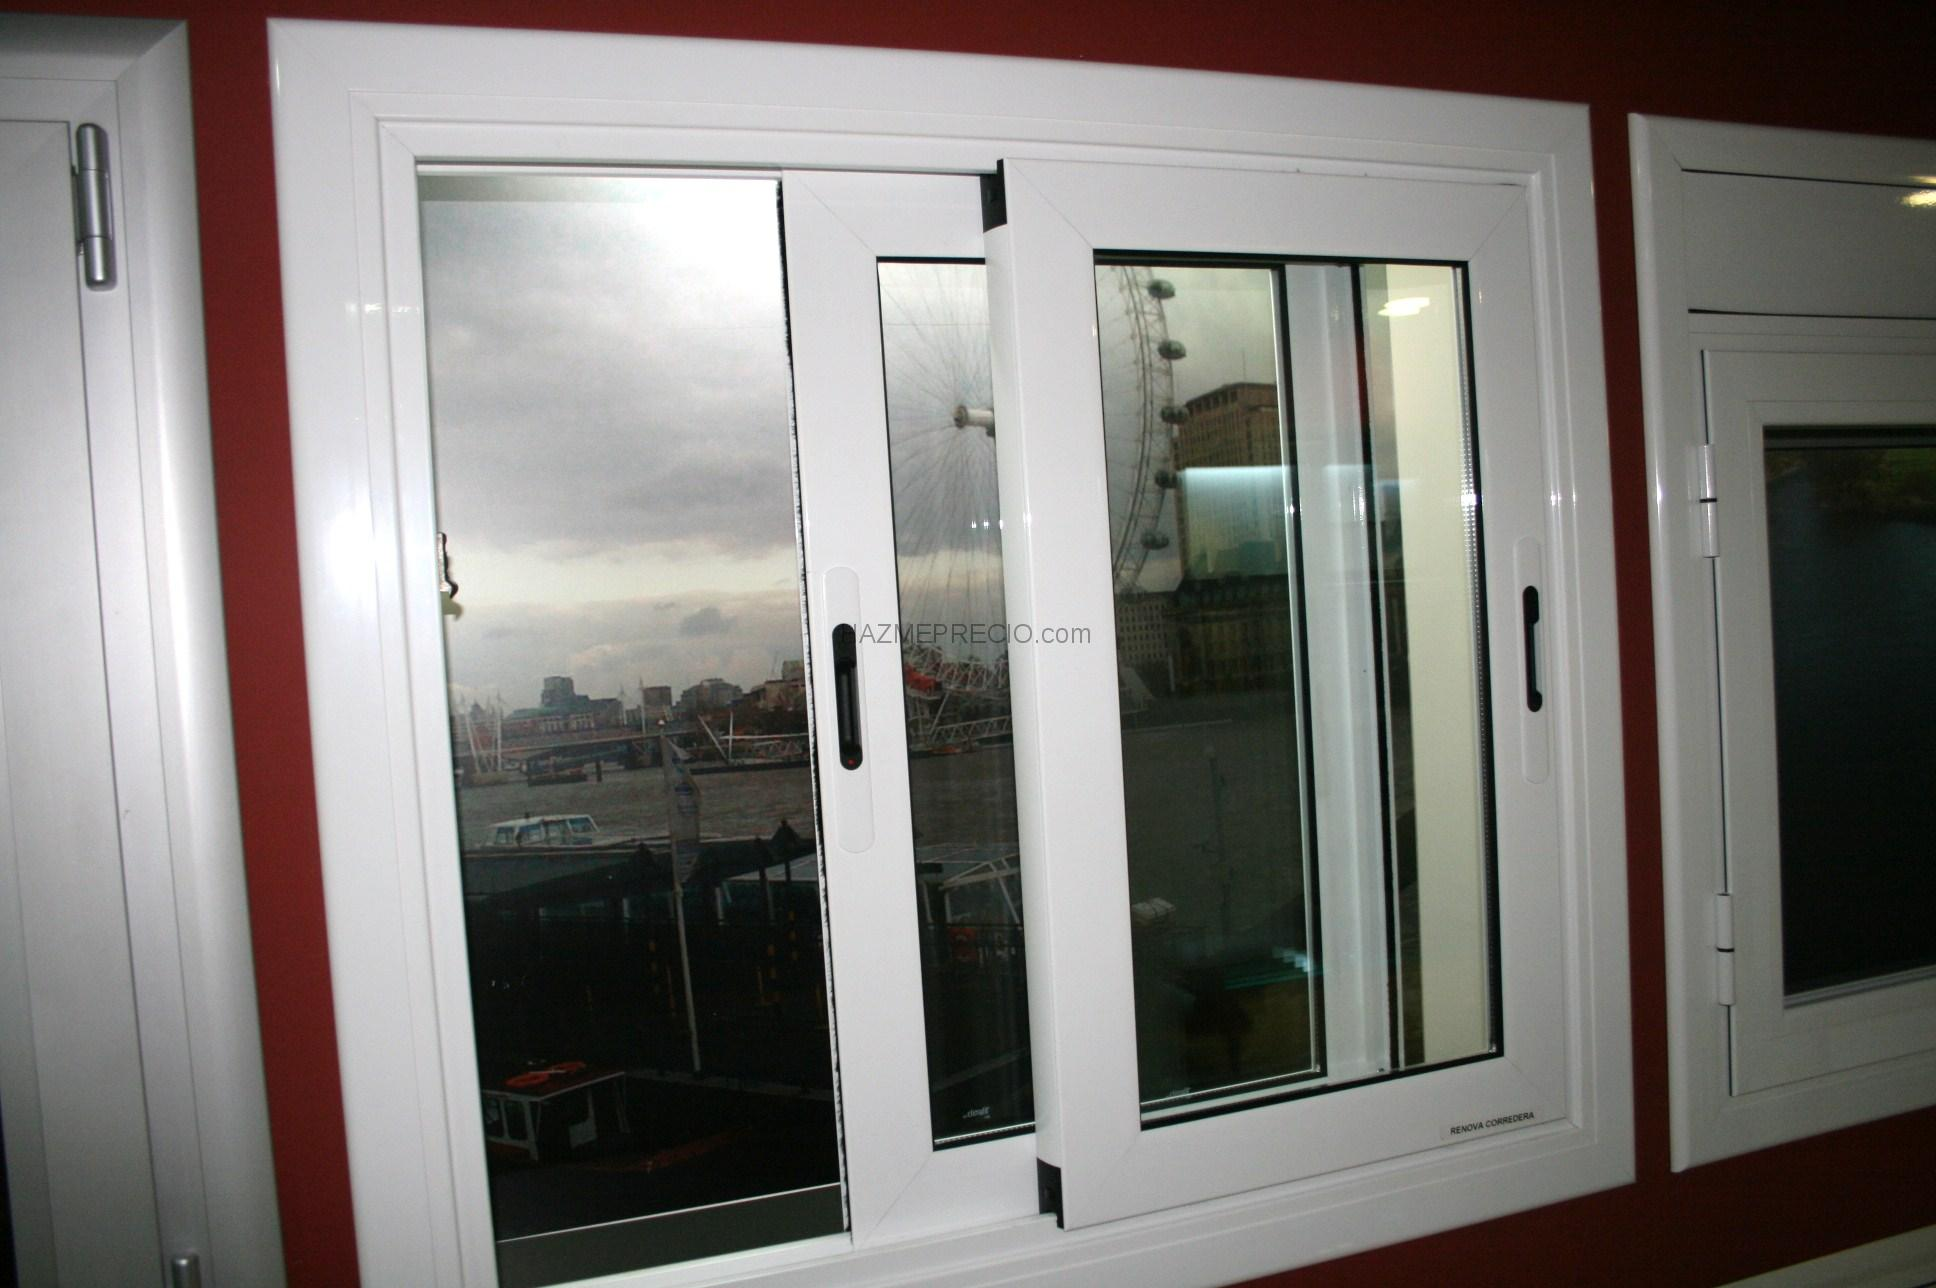 Presupuesto para poner ventanas de aluminio con cristal for Precio poner ventanas aluminio